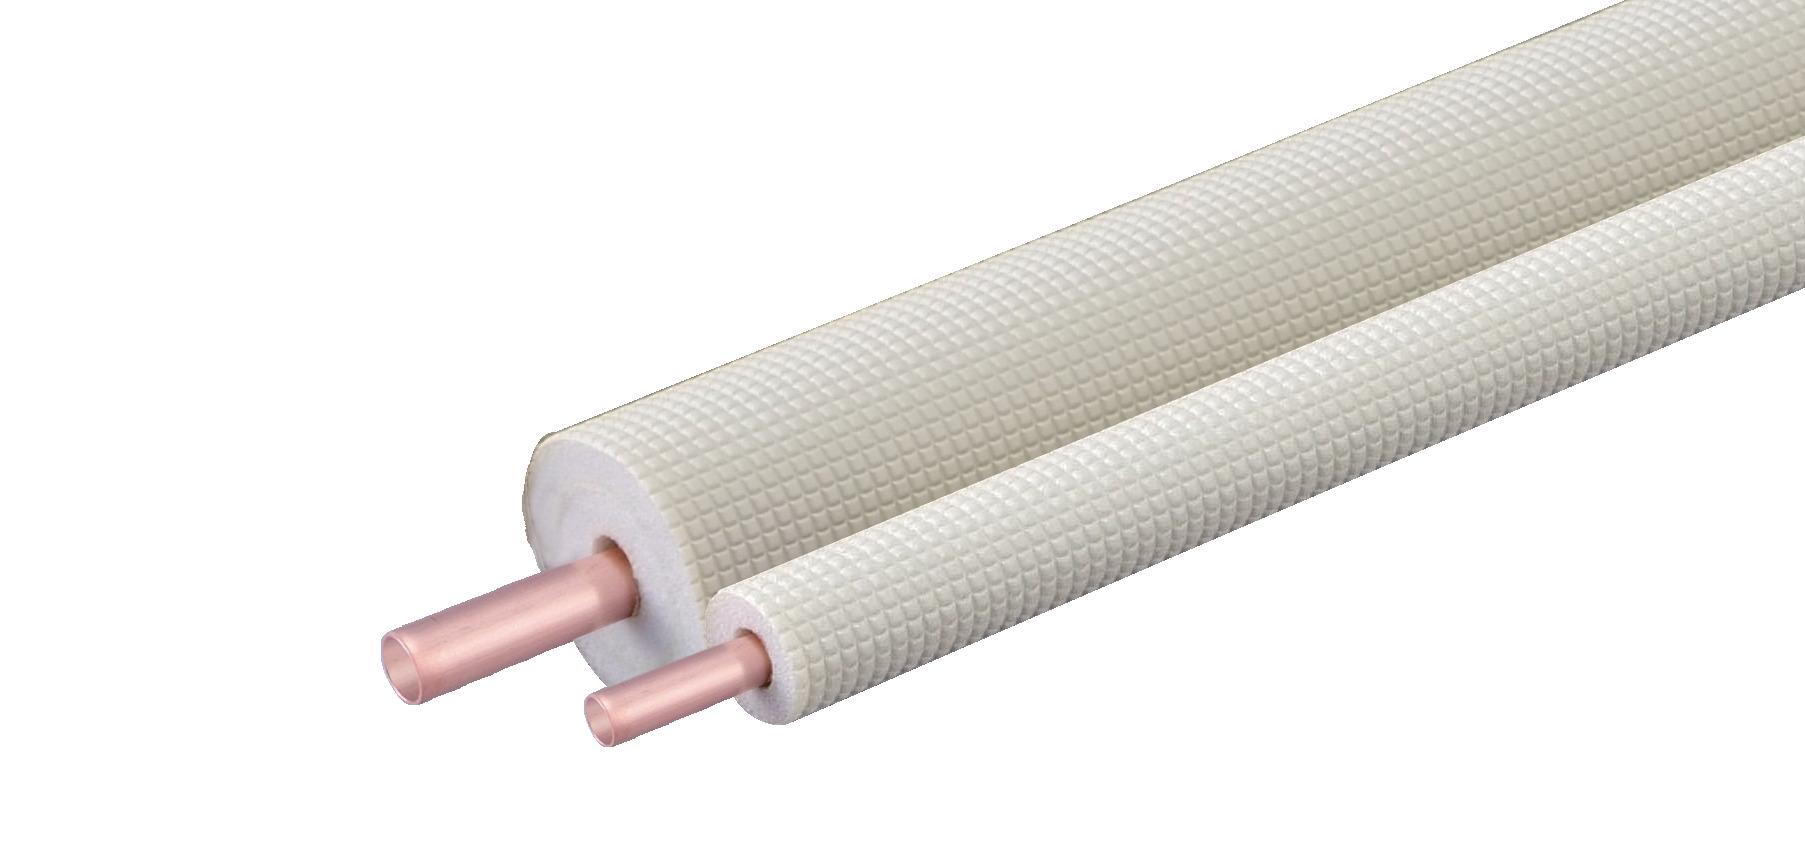 【因幡電工】空調用被覆銅管ペアタイプ国土交通省標準仕様合致品新発売の画像